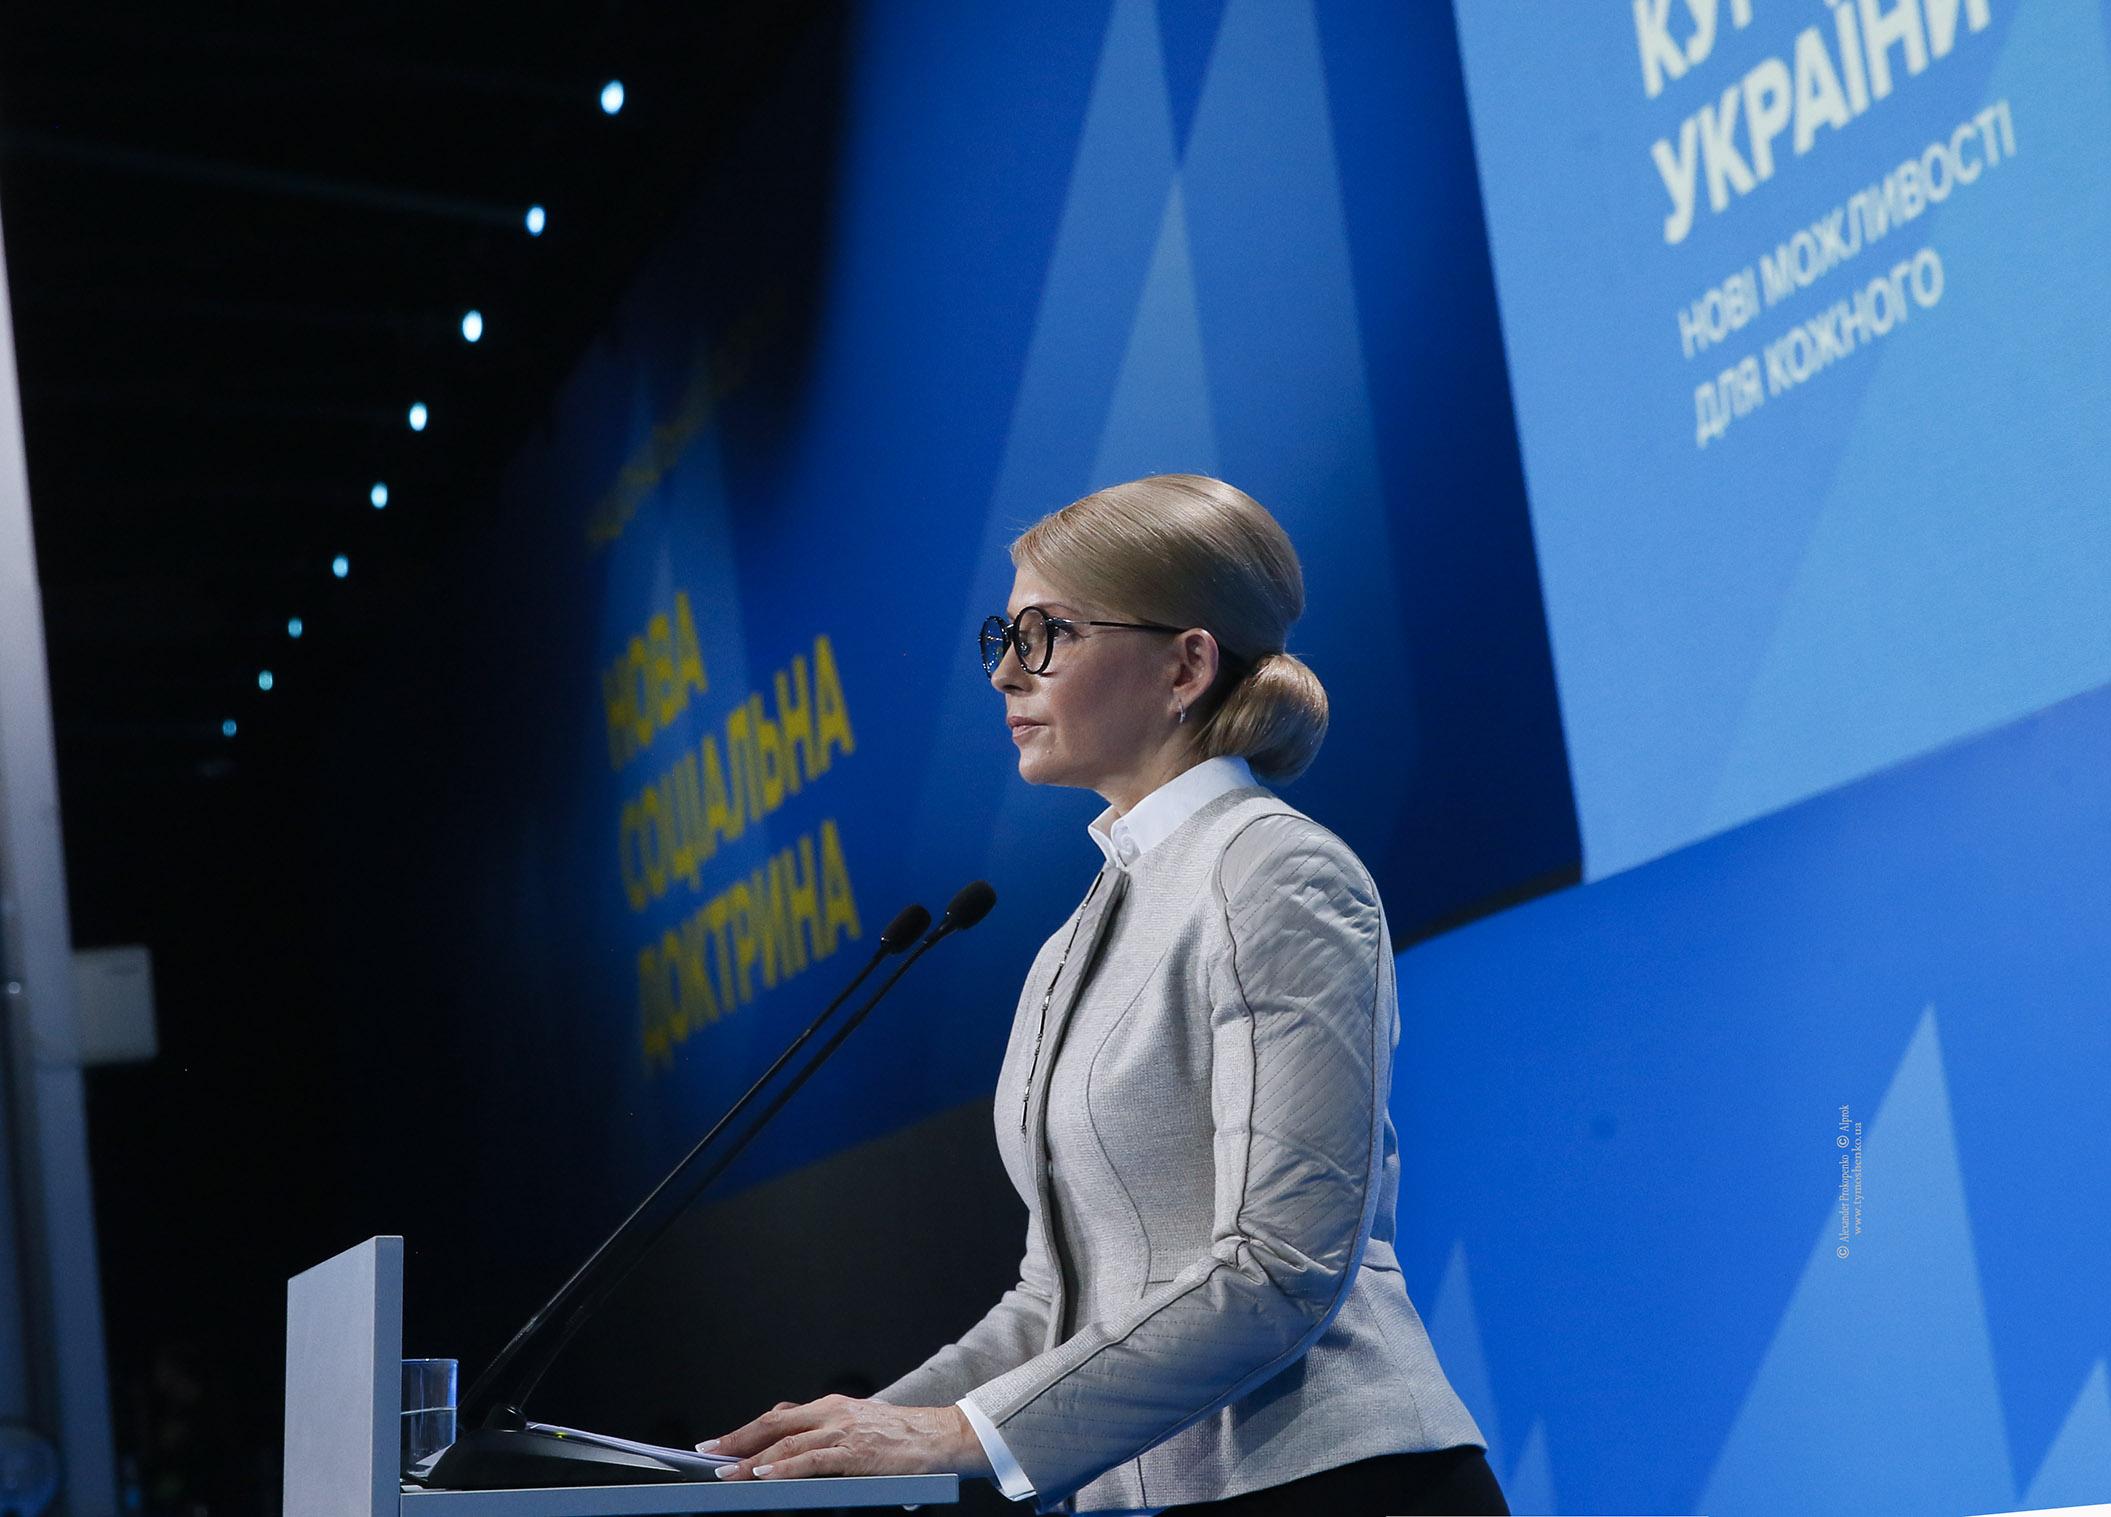 Юлия Тимошенко озвучила главные тезисы по социальному направлению